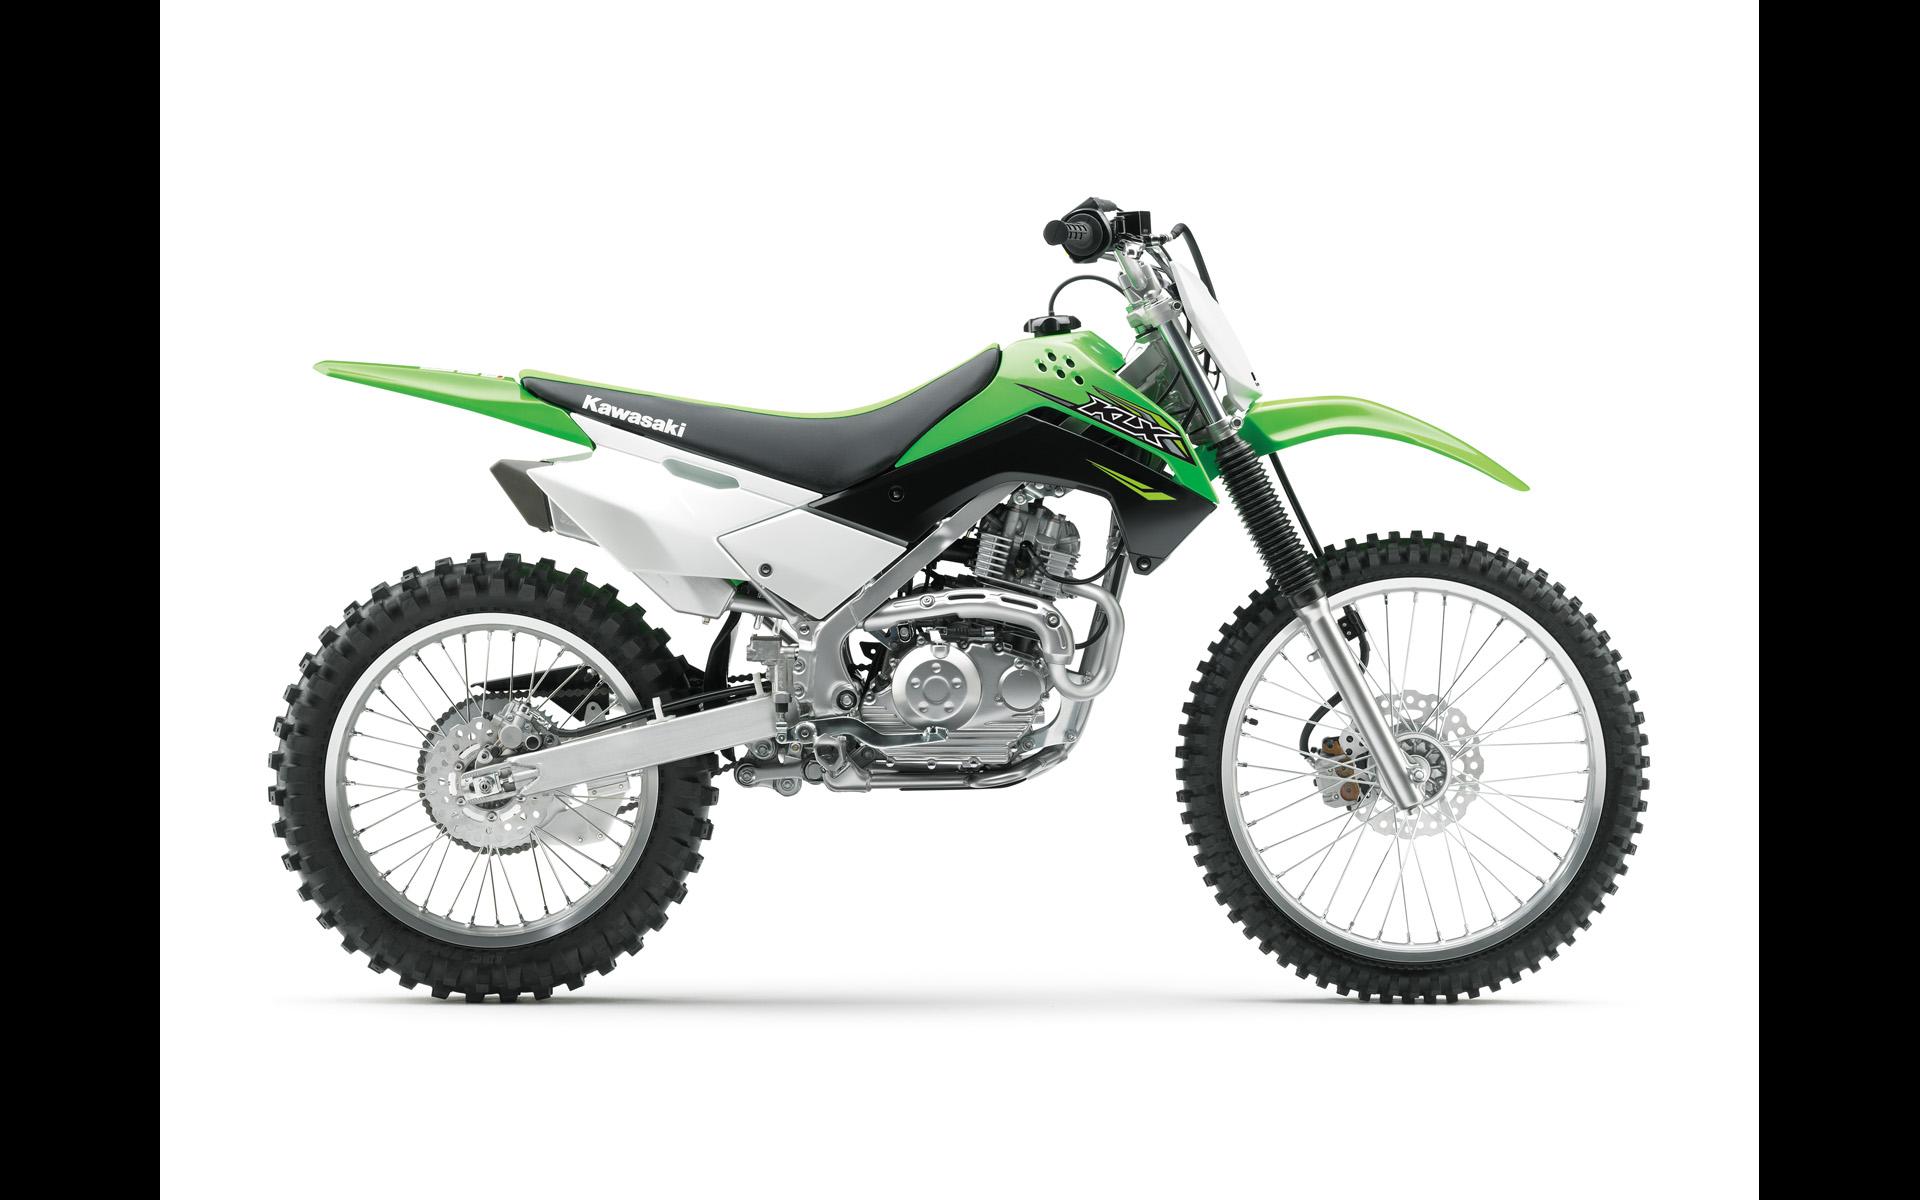 Klx 140g Motorcycle